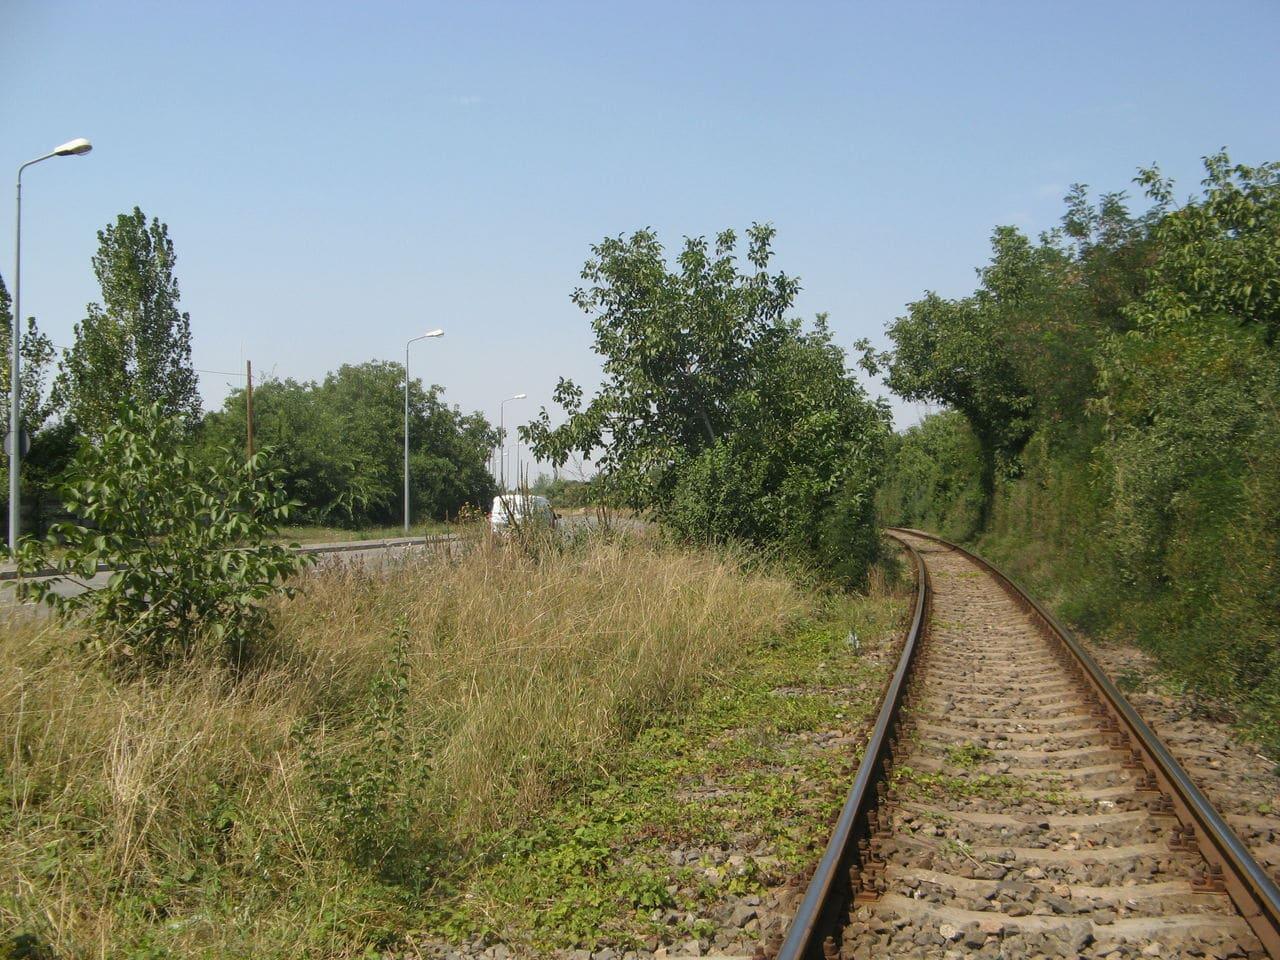 Calea ferată directă Oradea Vest - Episcopia Bihor IMG_0051